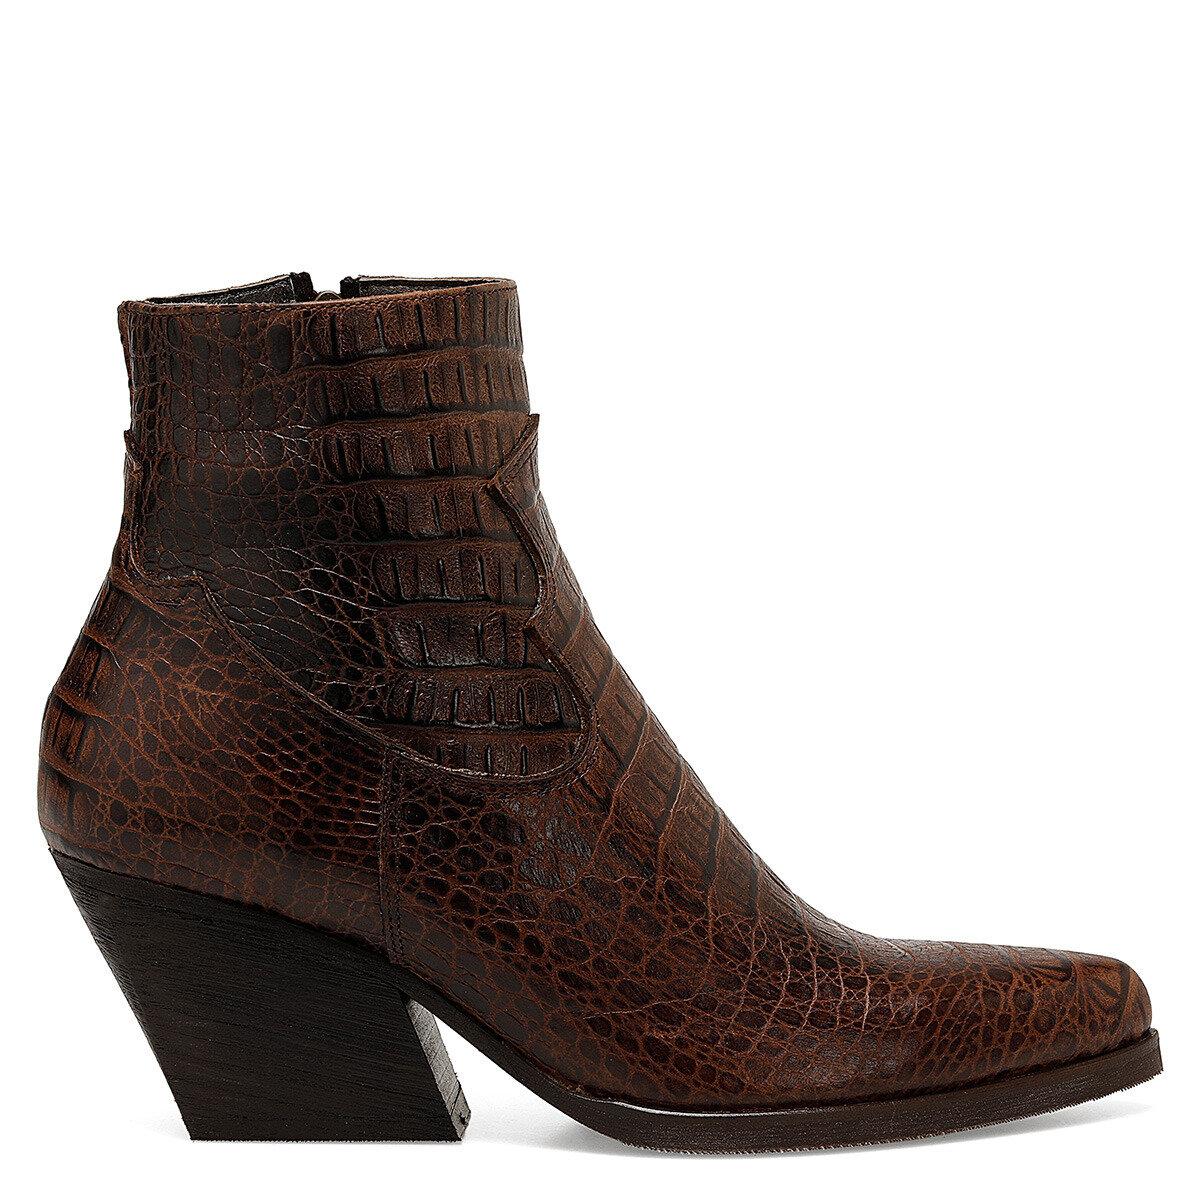 WESTOR Kahverengi Kadın Topuklu Bot